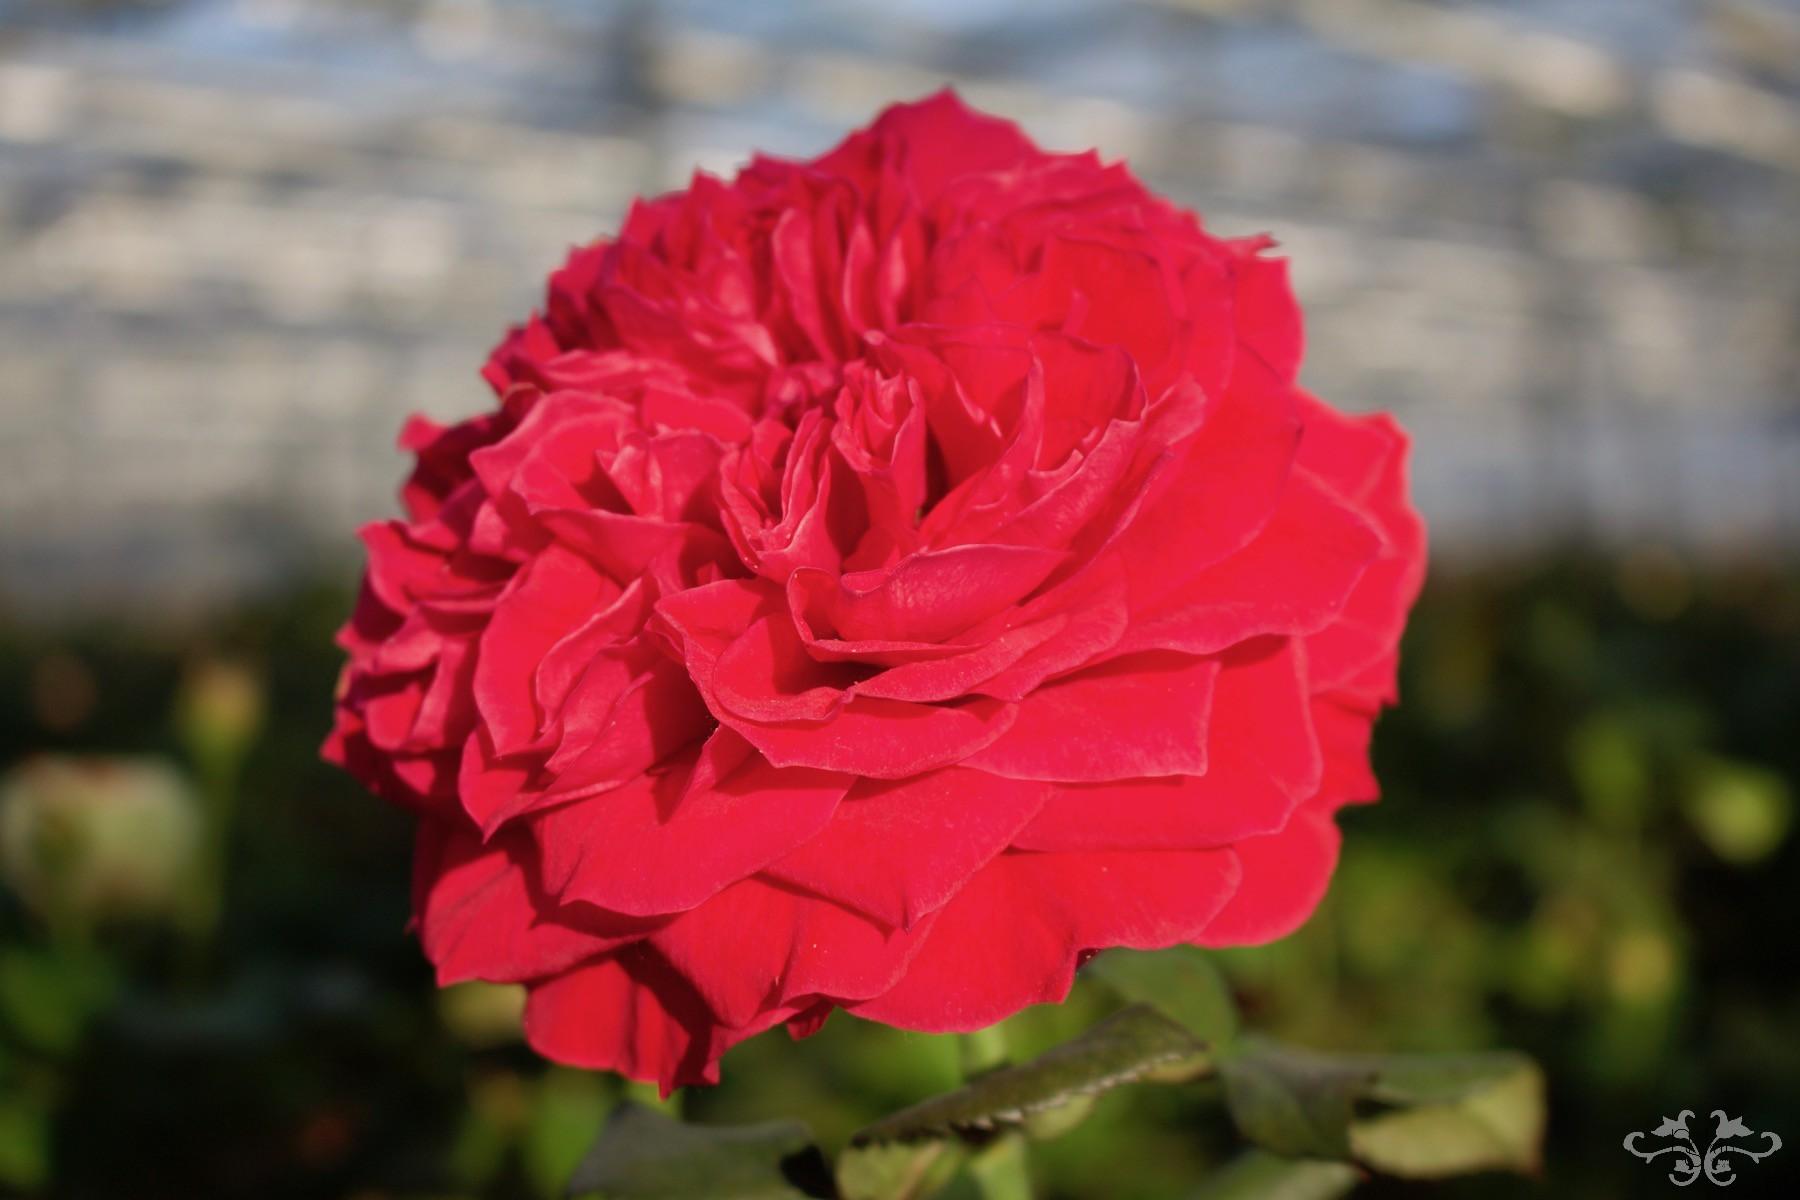 An impressive petal-packed garden-shaped Rose named after St. James' Park.